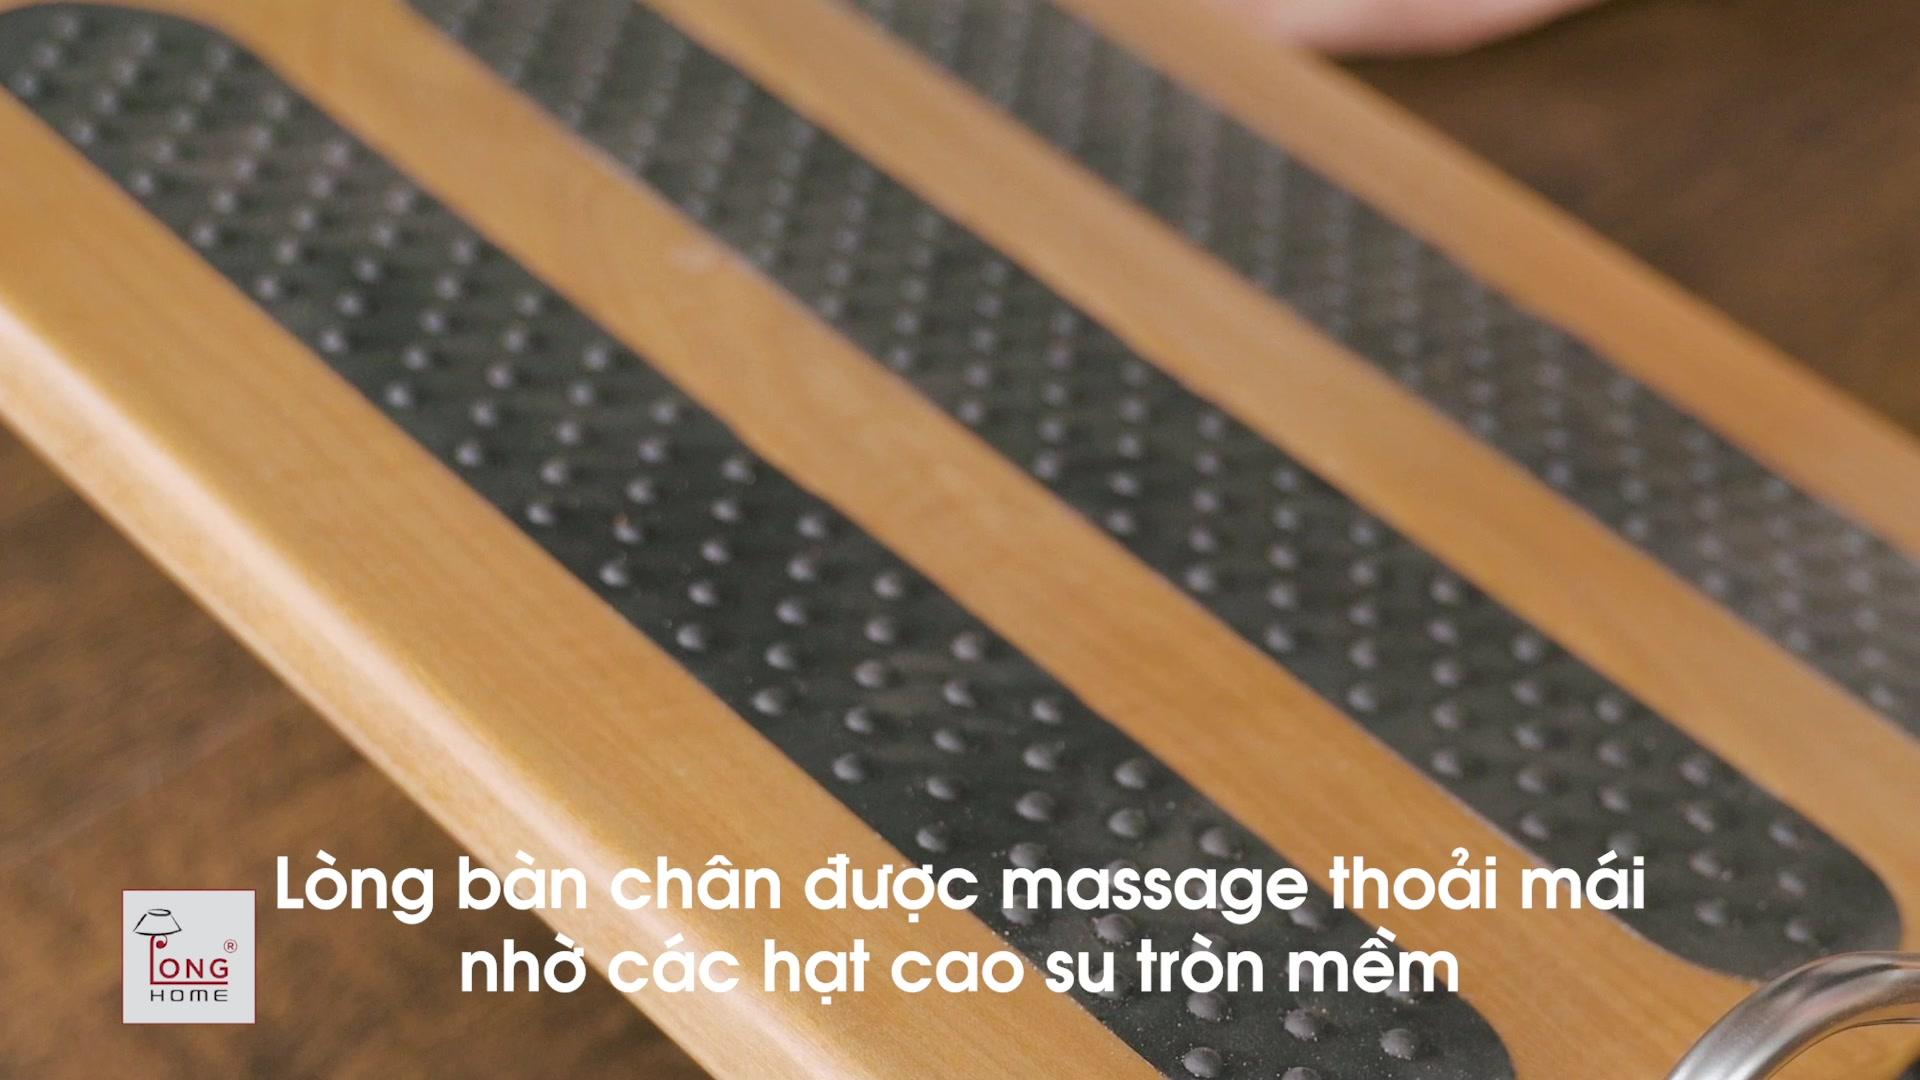 GIÁ KÊ CHÂN CÔNG THÁI HỌC - dành cho dân văn phòng để thư giãn và vận động, tốt cho sức khỏe đôi chân - FOOT ZONE RELAX FZR - 200